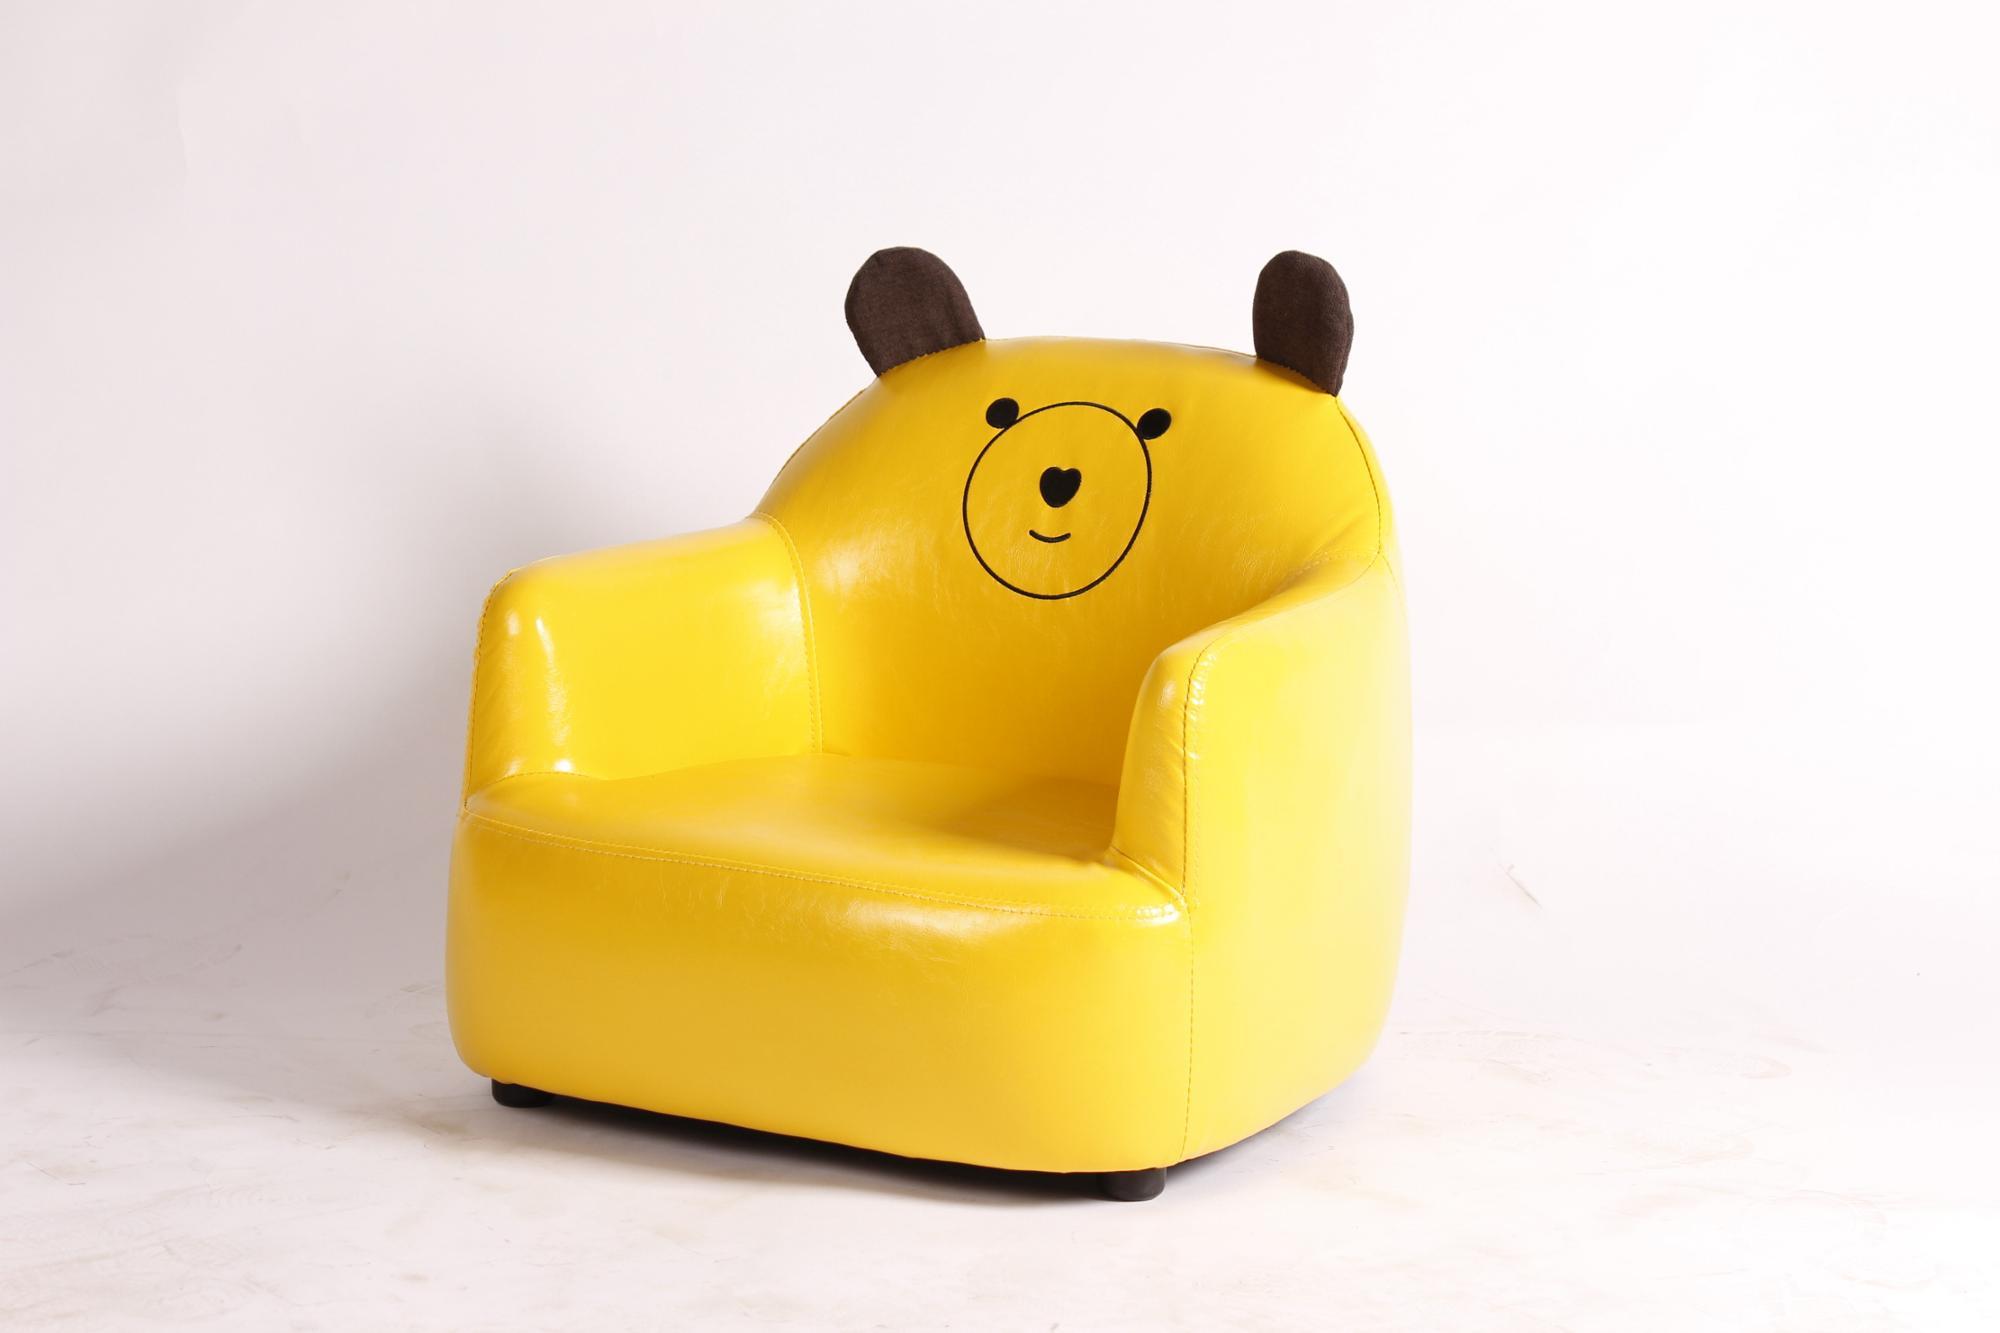 PU Jok Empuk Anak Sofa dengan Kualitas Yang Baik